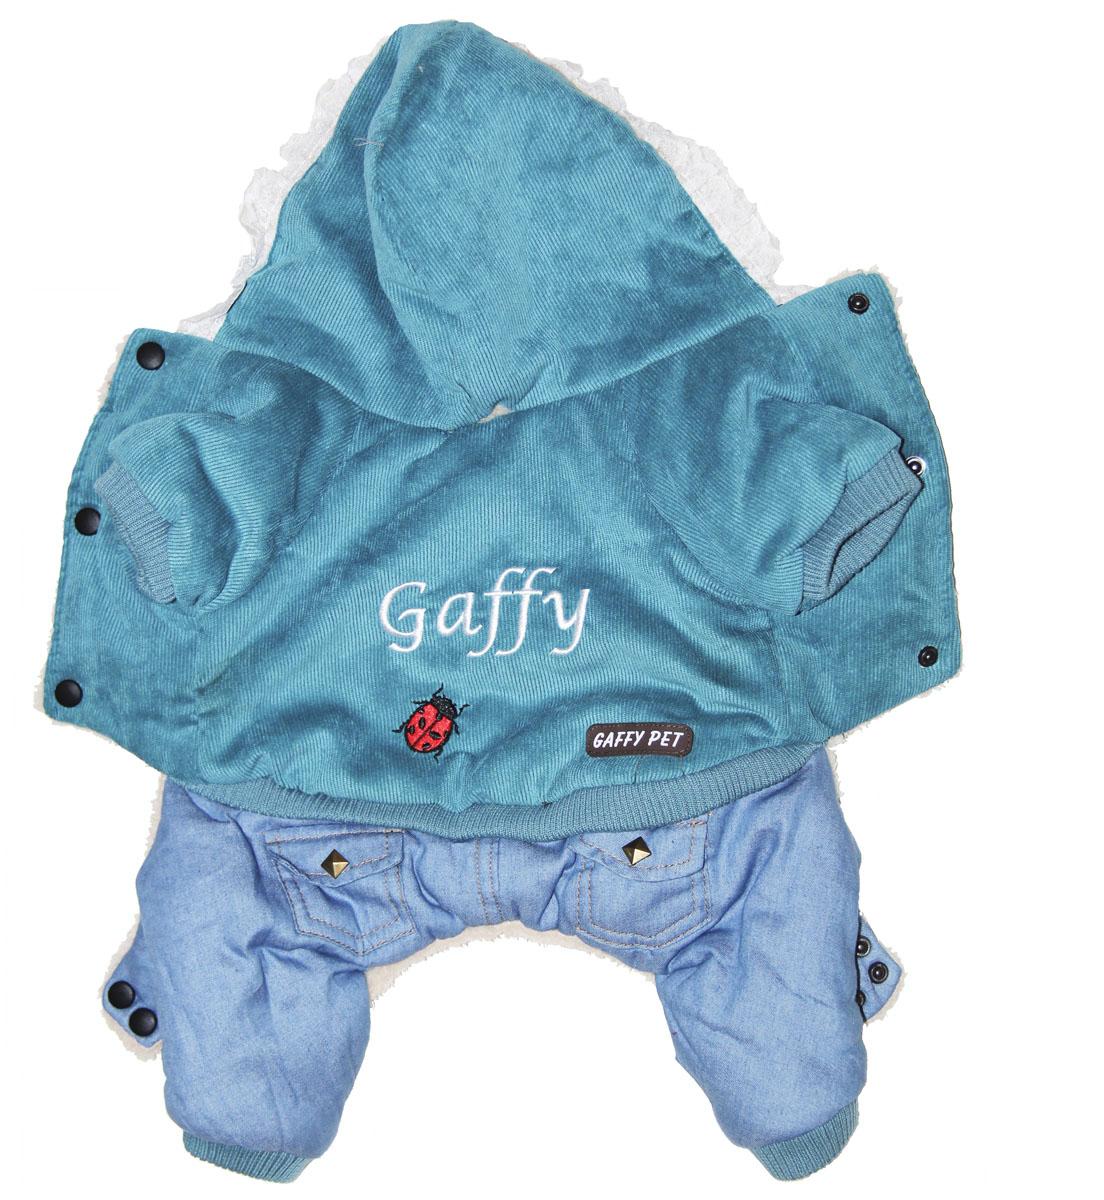 """Комбинезон для собак Gaffy Pet """"Ladybird"""", зимний, для мальчика, цвет: голубой. Размер M"""